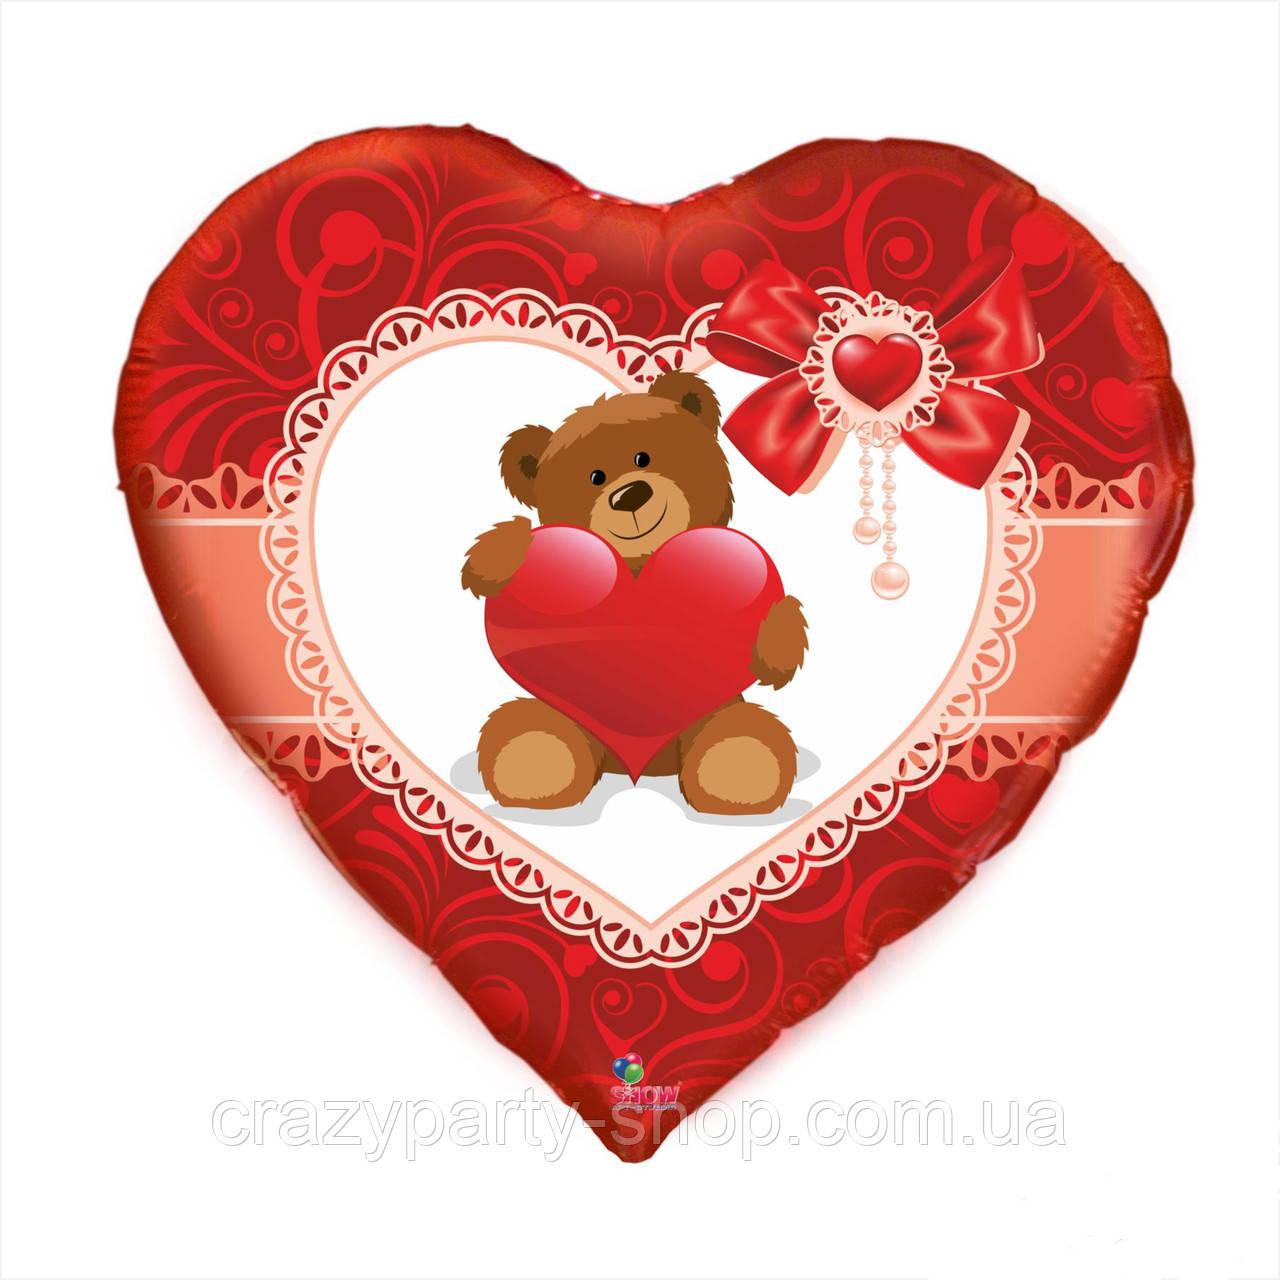 Шар фольгированный Мишка с сердечком